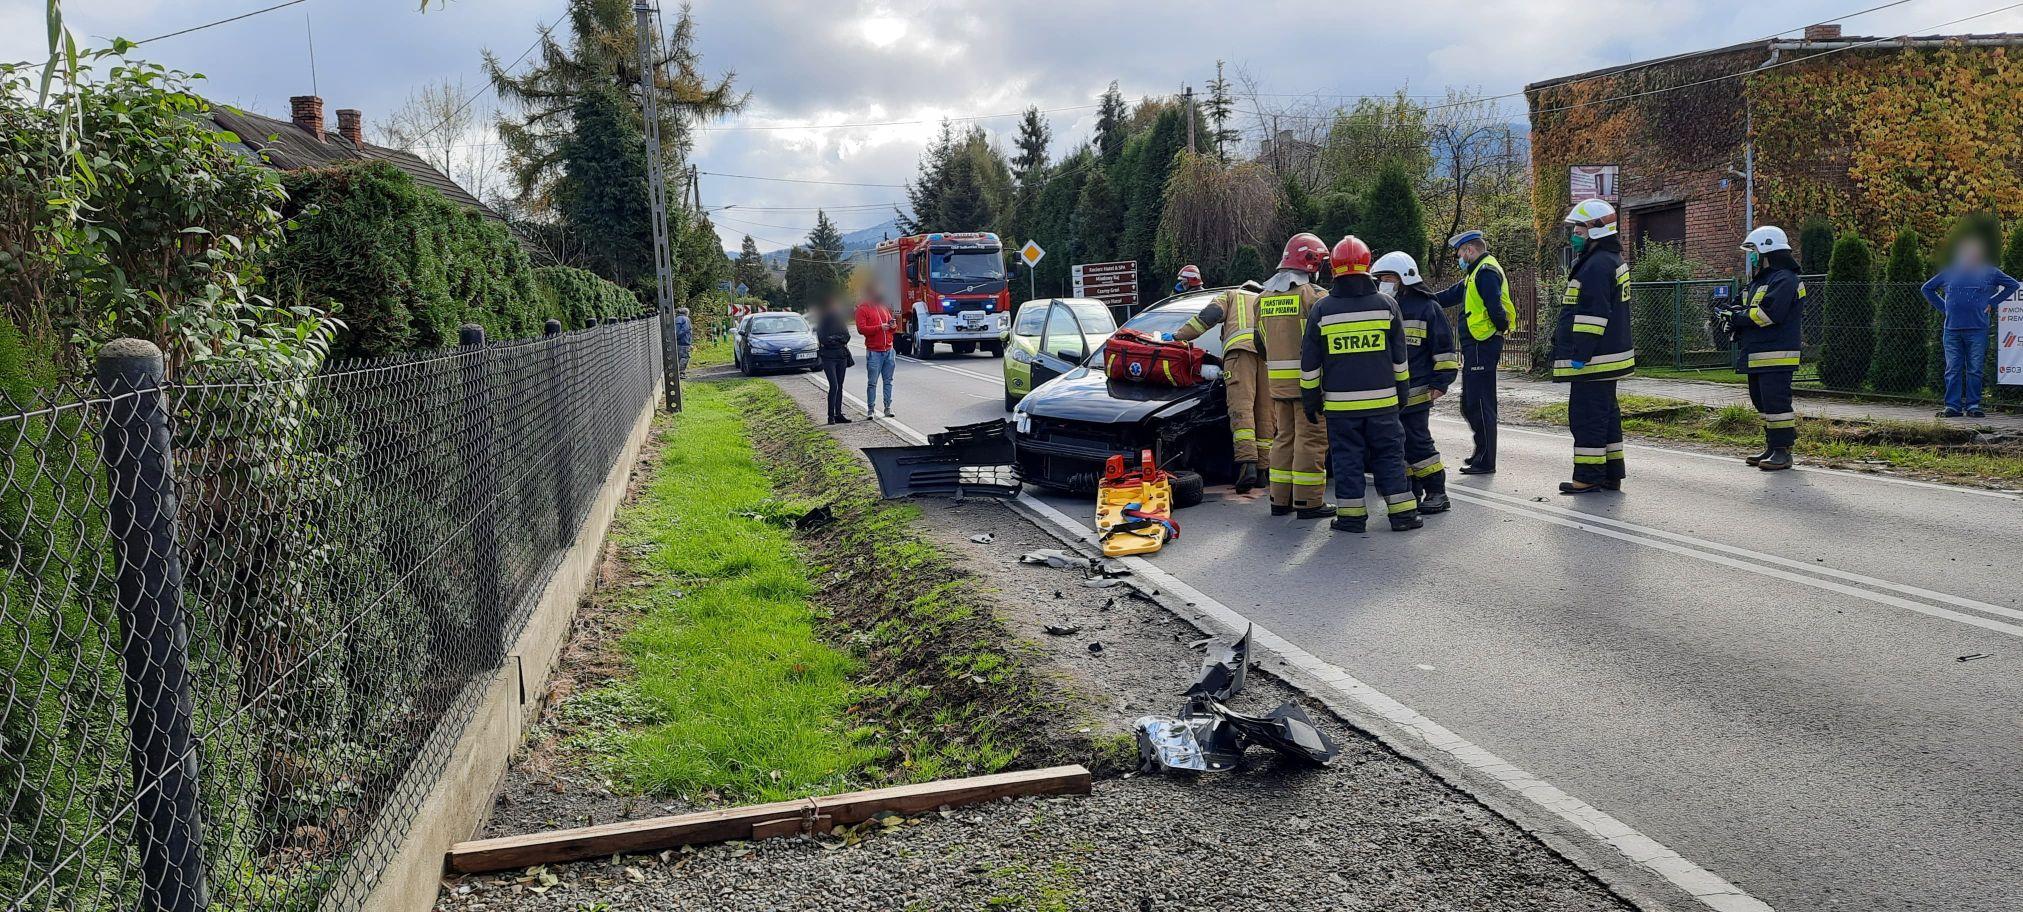 Poważne zderzenie samochodów na Beskidzkiej [FOTO]